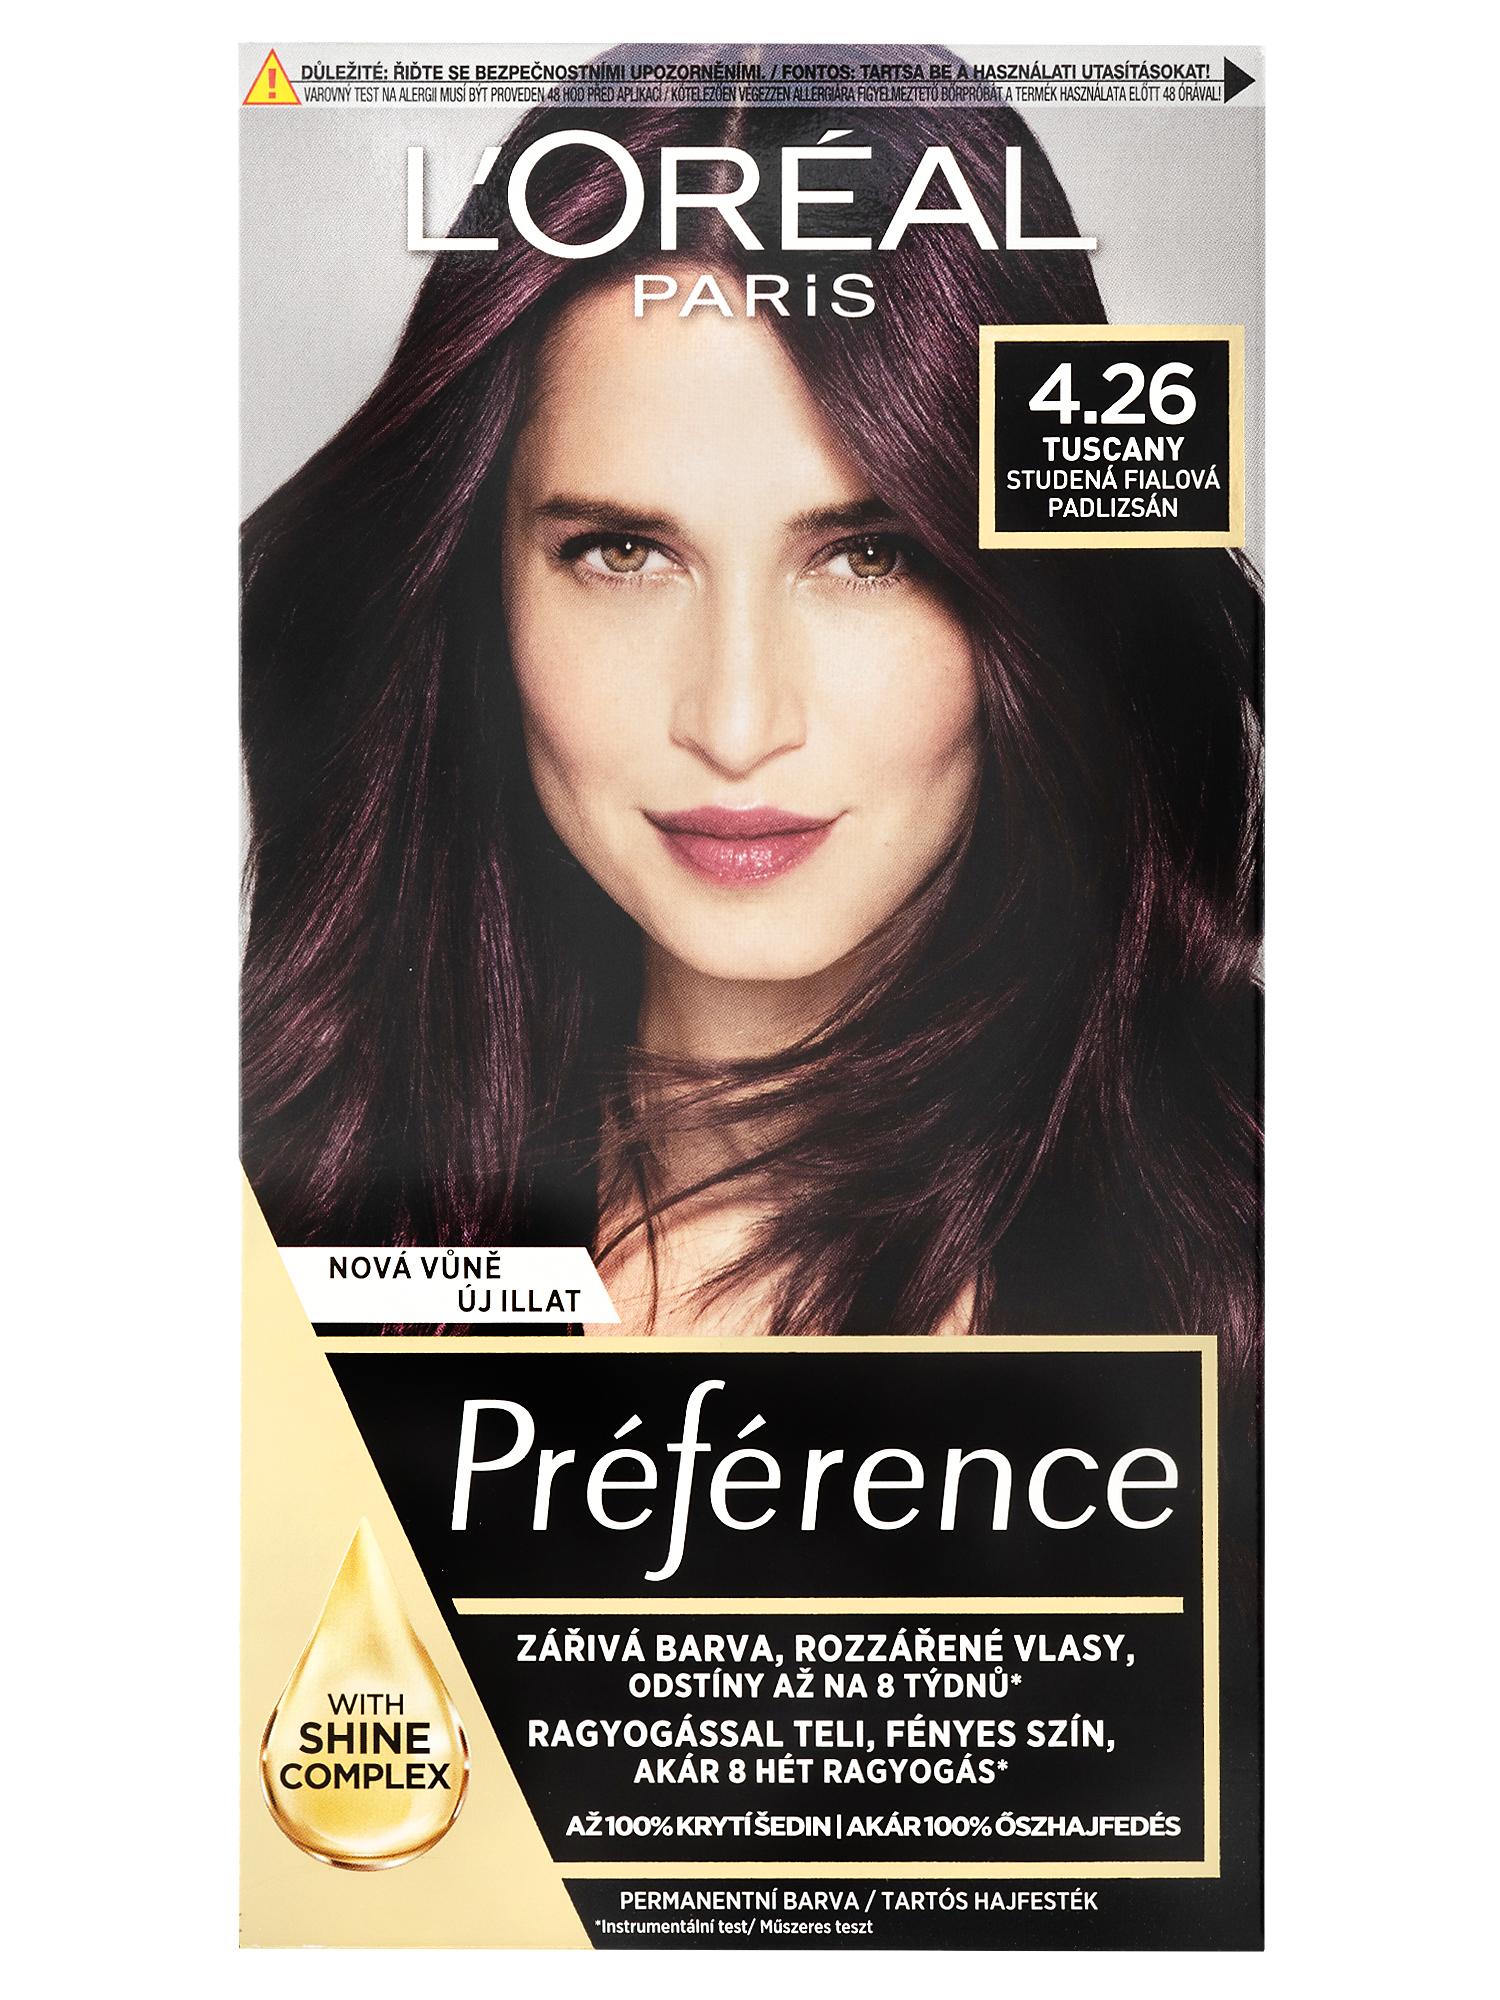 Permanentní barva Loréal Préférence 4.26 studená fialová + DÁREK ZDARMA